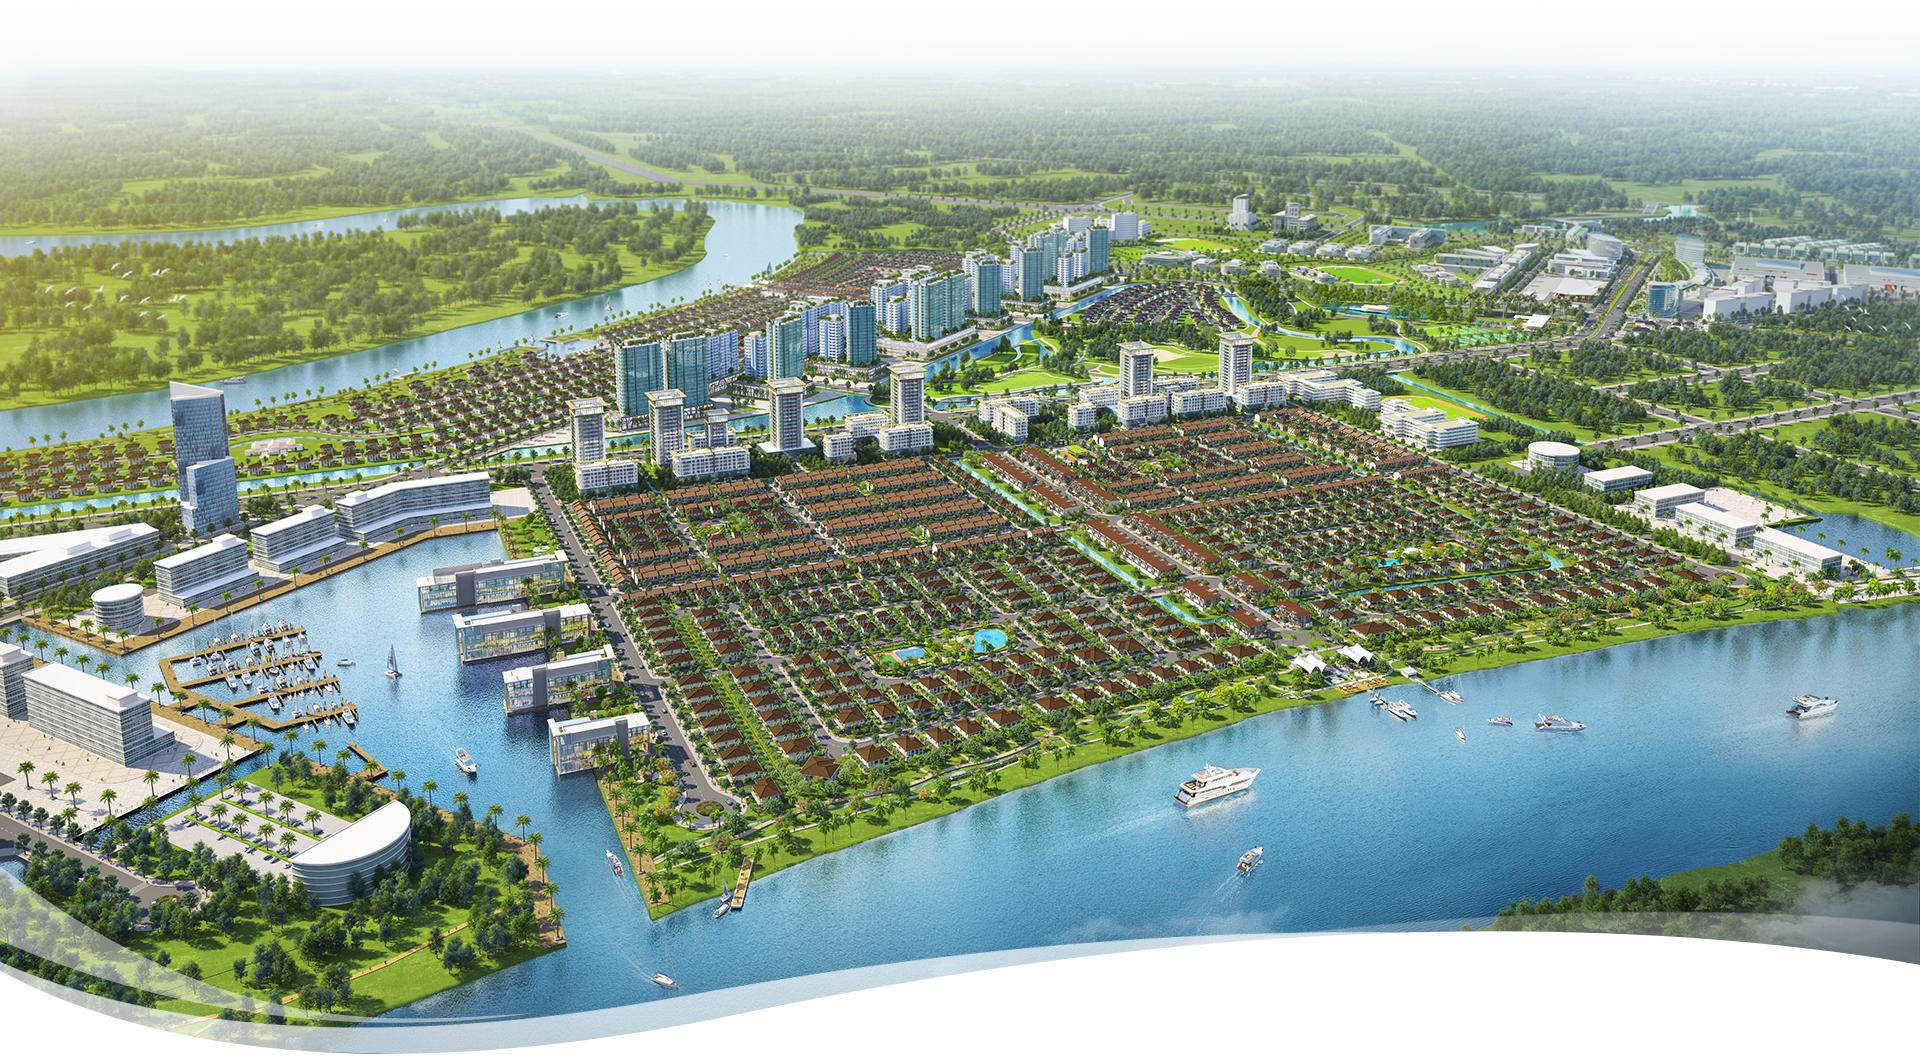 Phong cách sống mới tại 'thành phố bên sông' Waterpoint 11